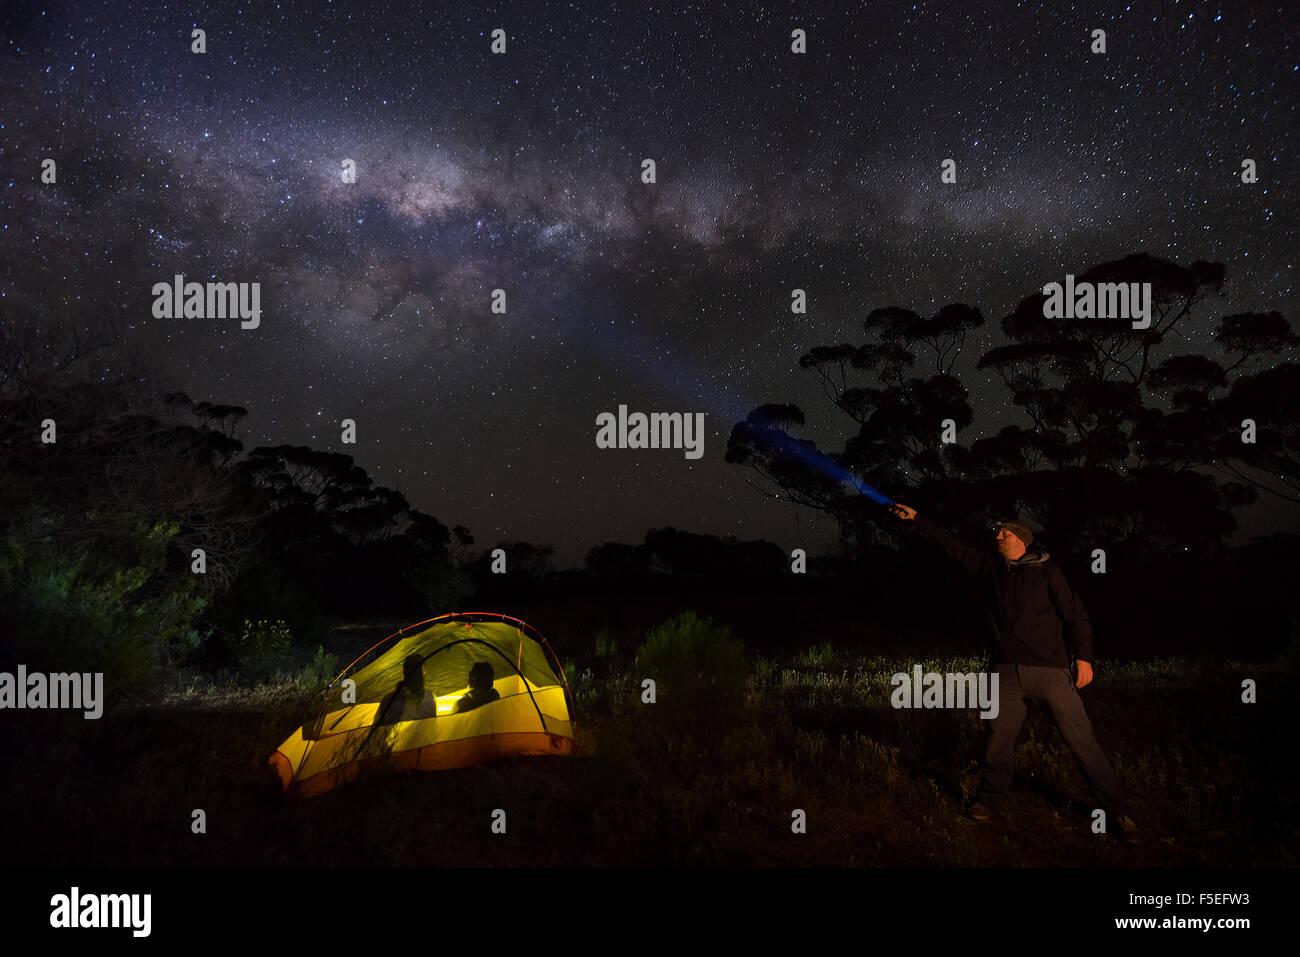 Uomo con torcia e due uomini in una tenda, Gawler Ranges, Australia Immagini Stock